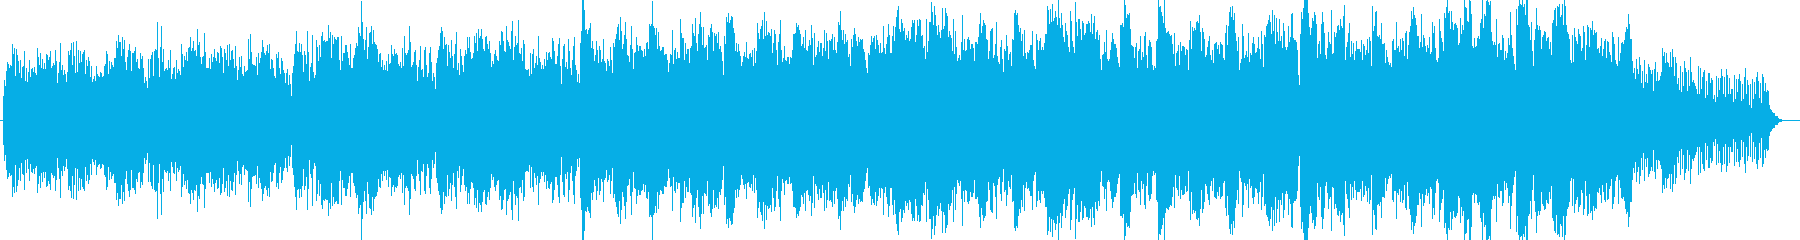 宇宙的なシンセサイザー系サウンドの再生済みの波形